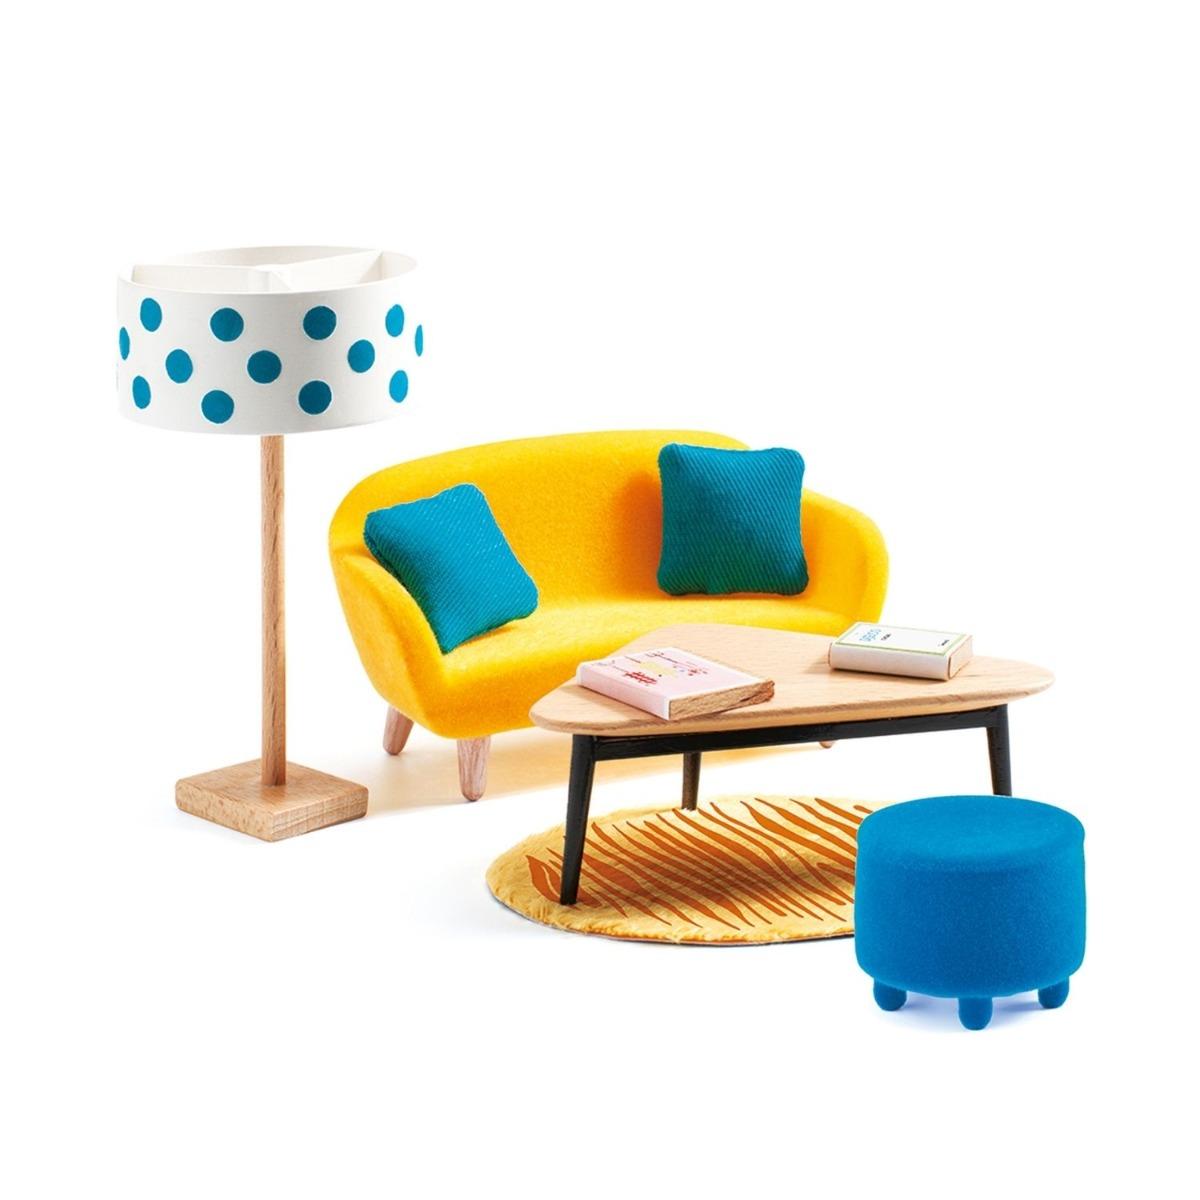 Designtorget Dockskåpsmöbler Vardagsrum